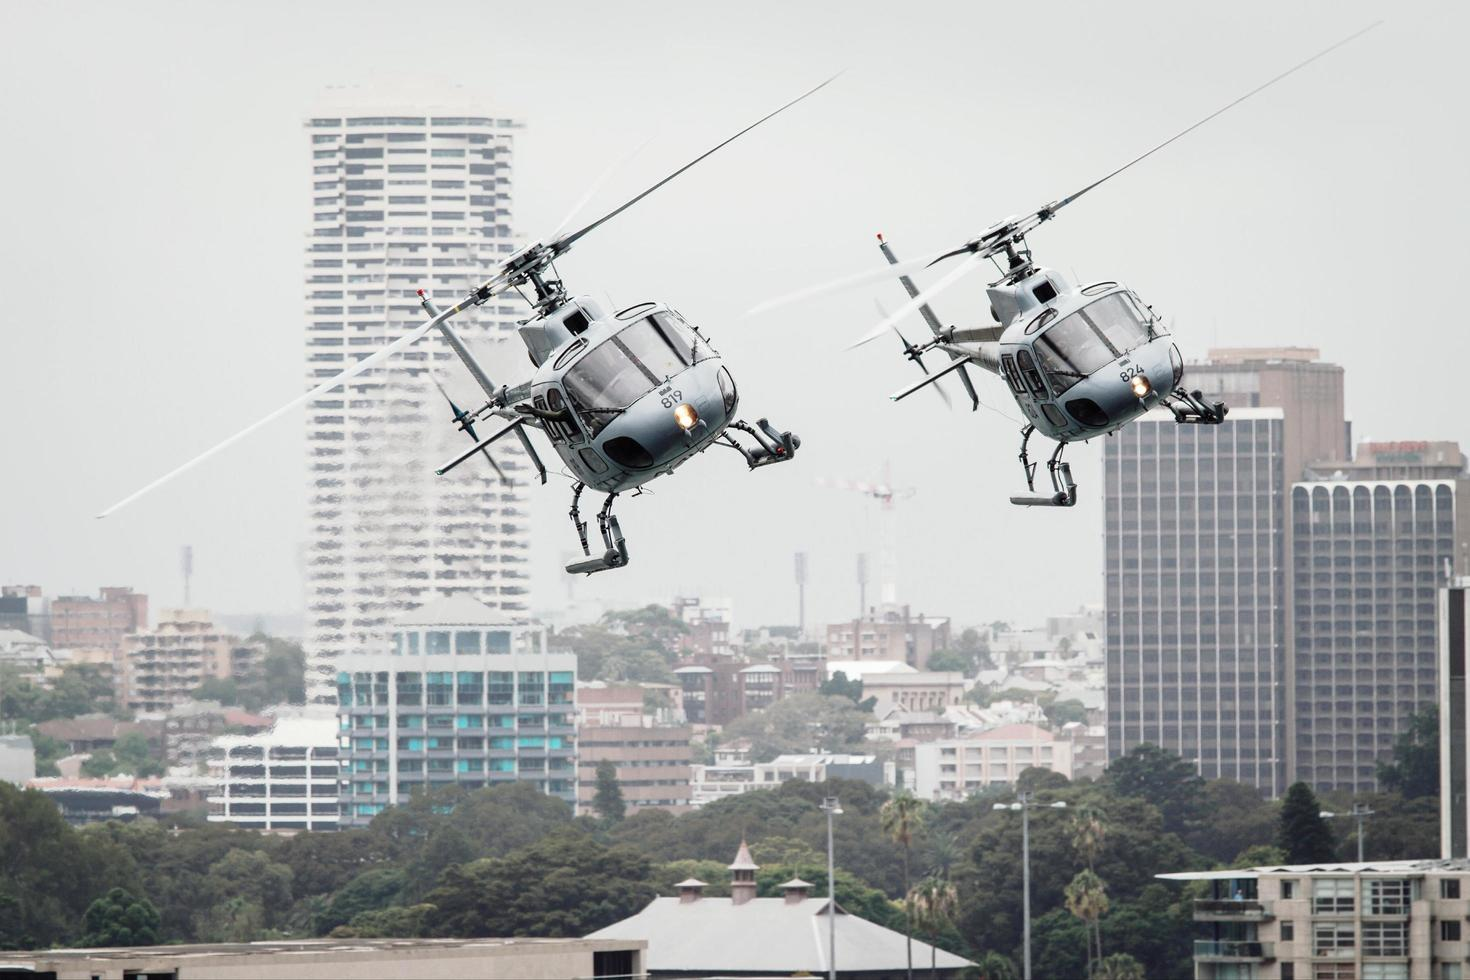 sydney, australien, 2020 - två helikoptrar som flyger i staden foto